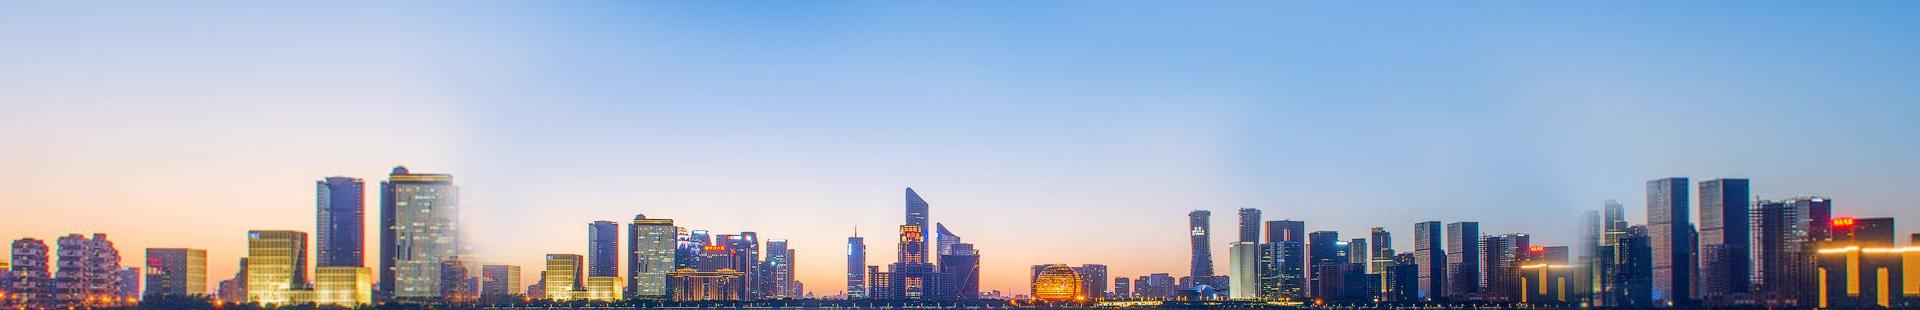 杭州市勘察设计协会